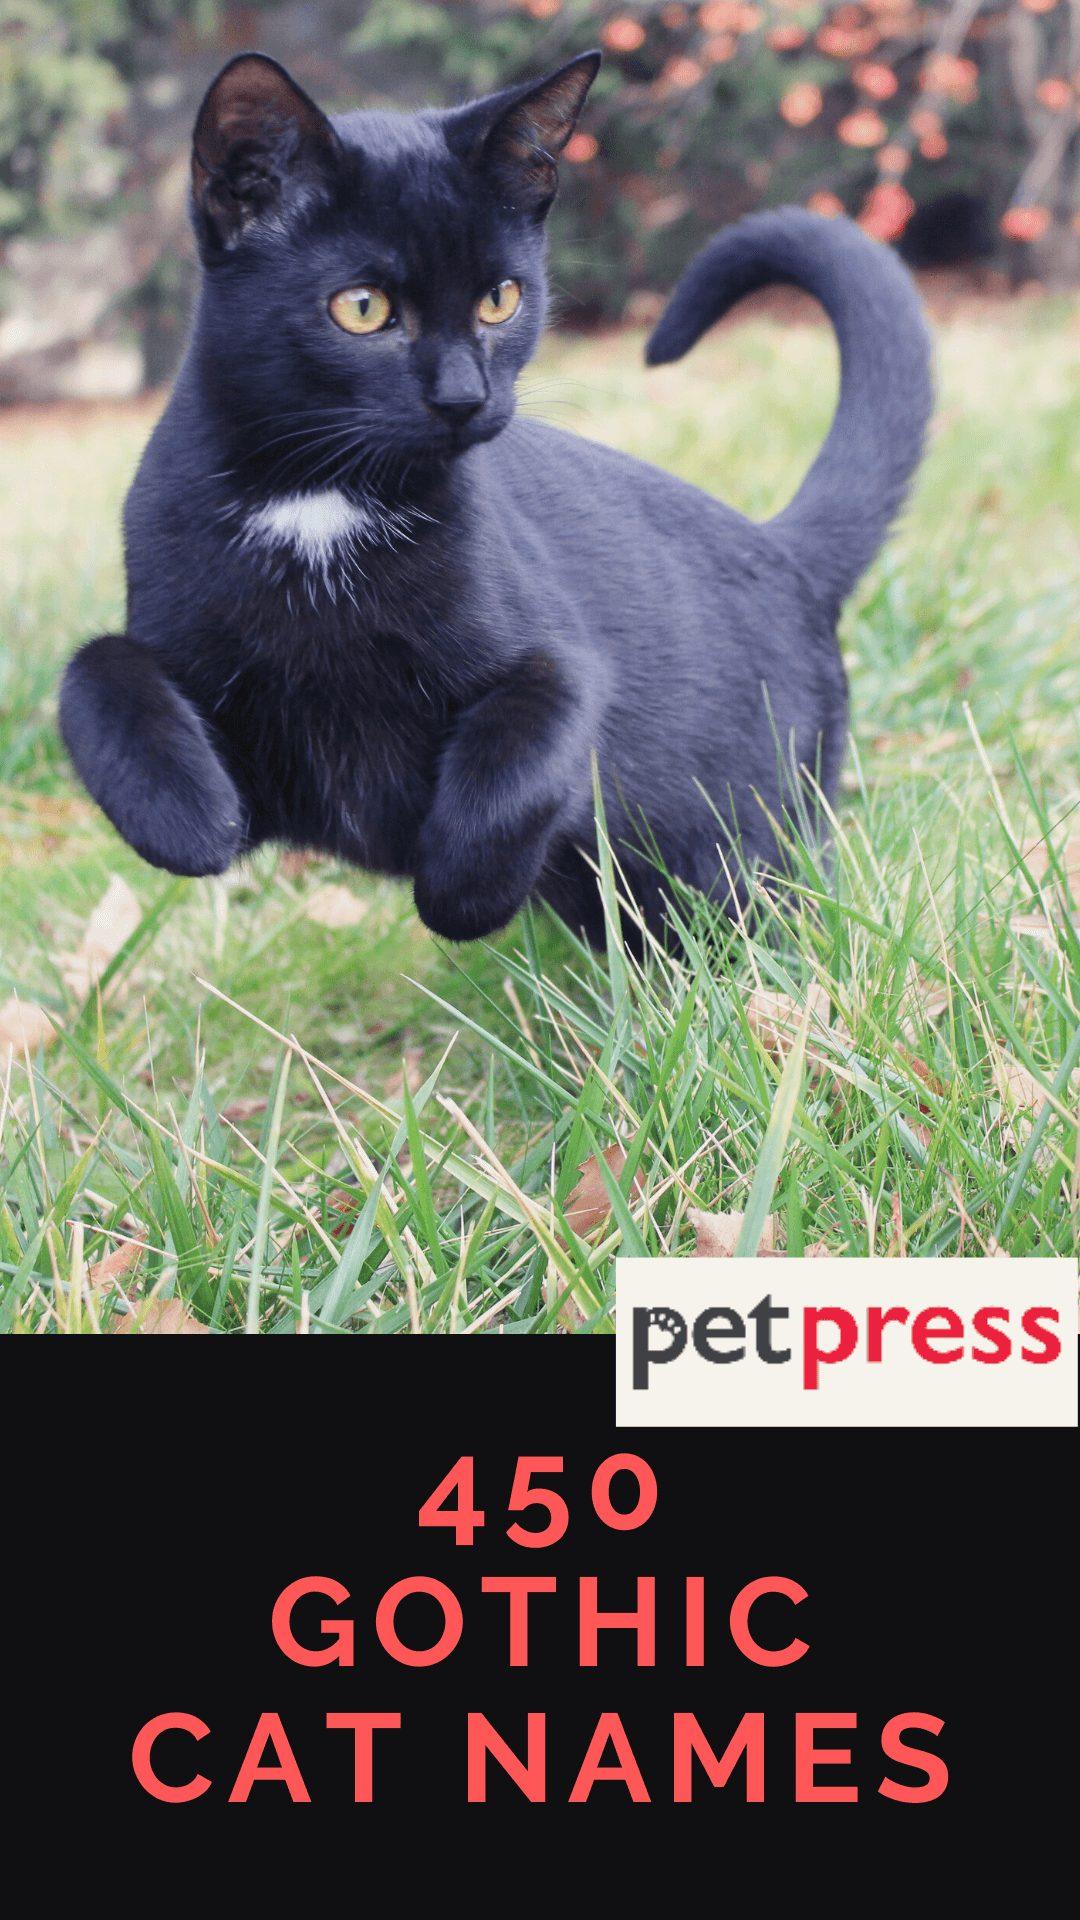 gothic-cat-names